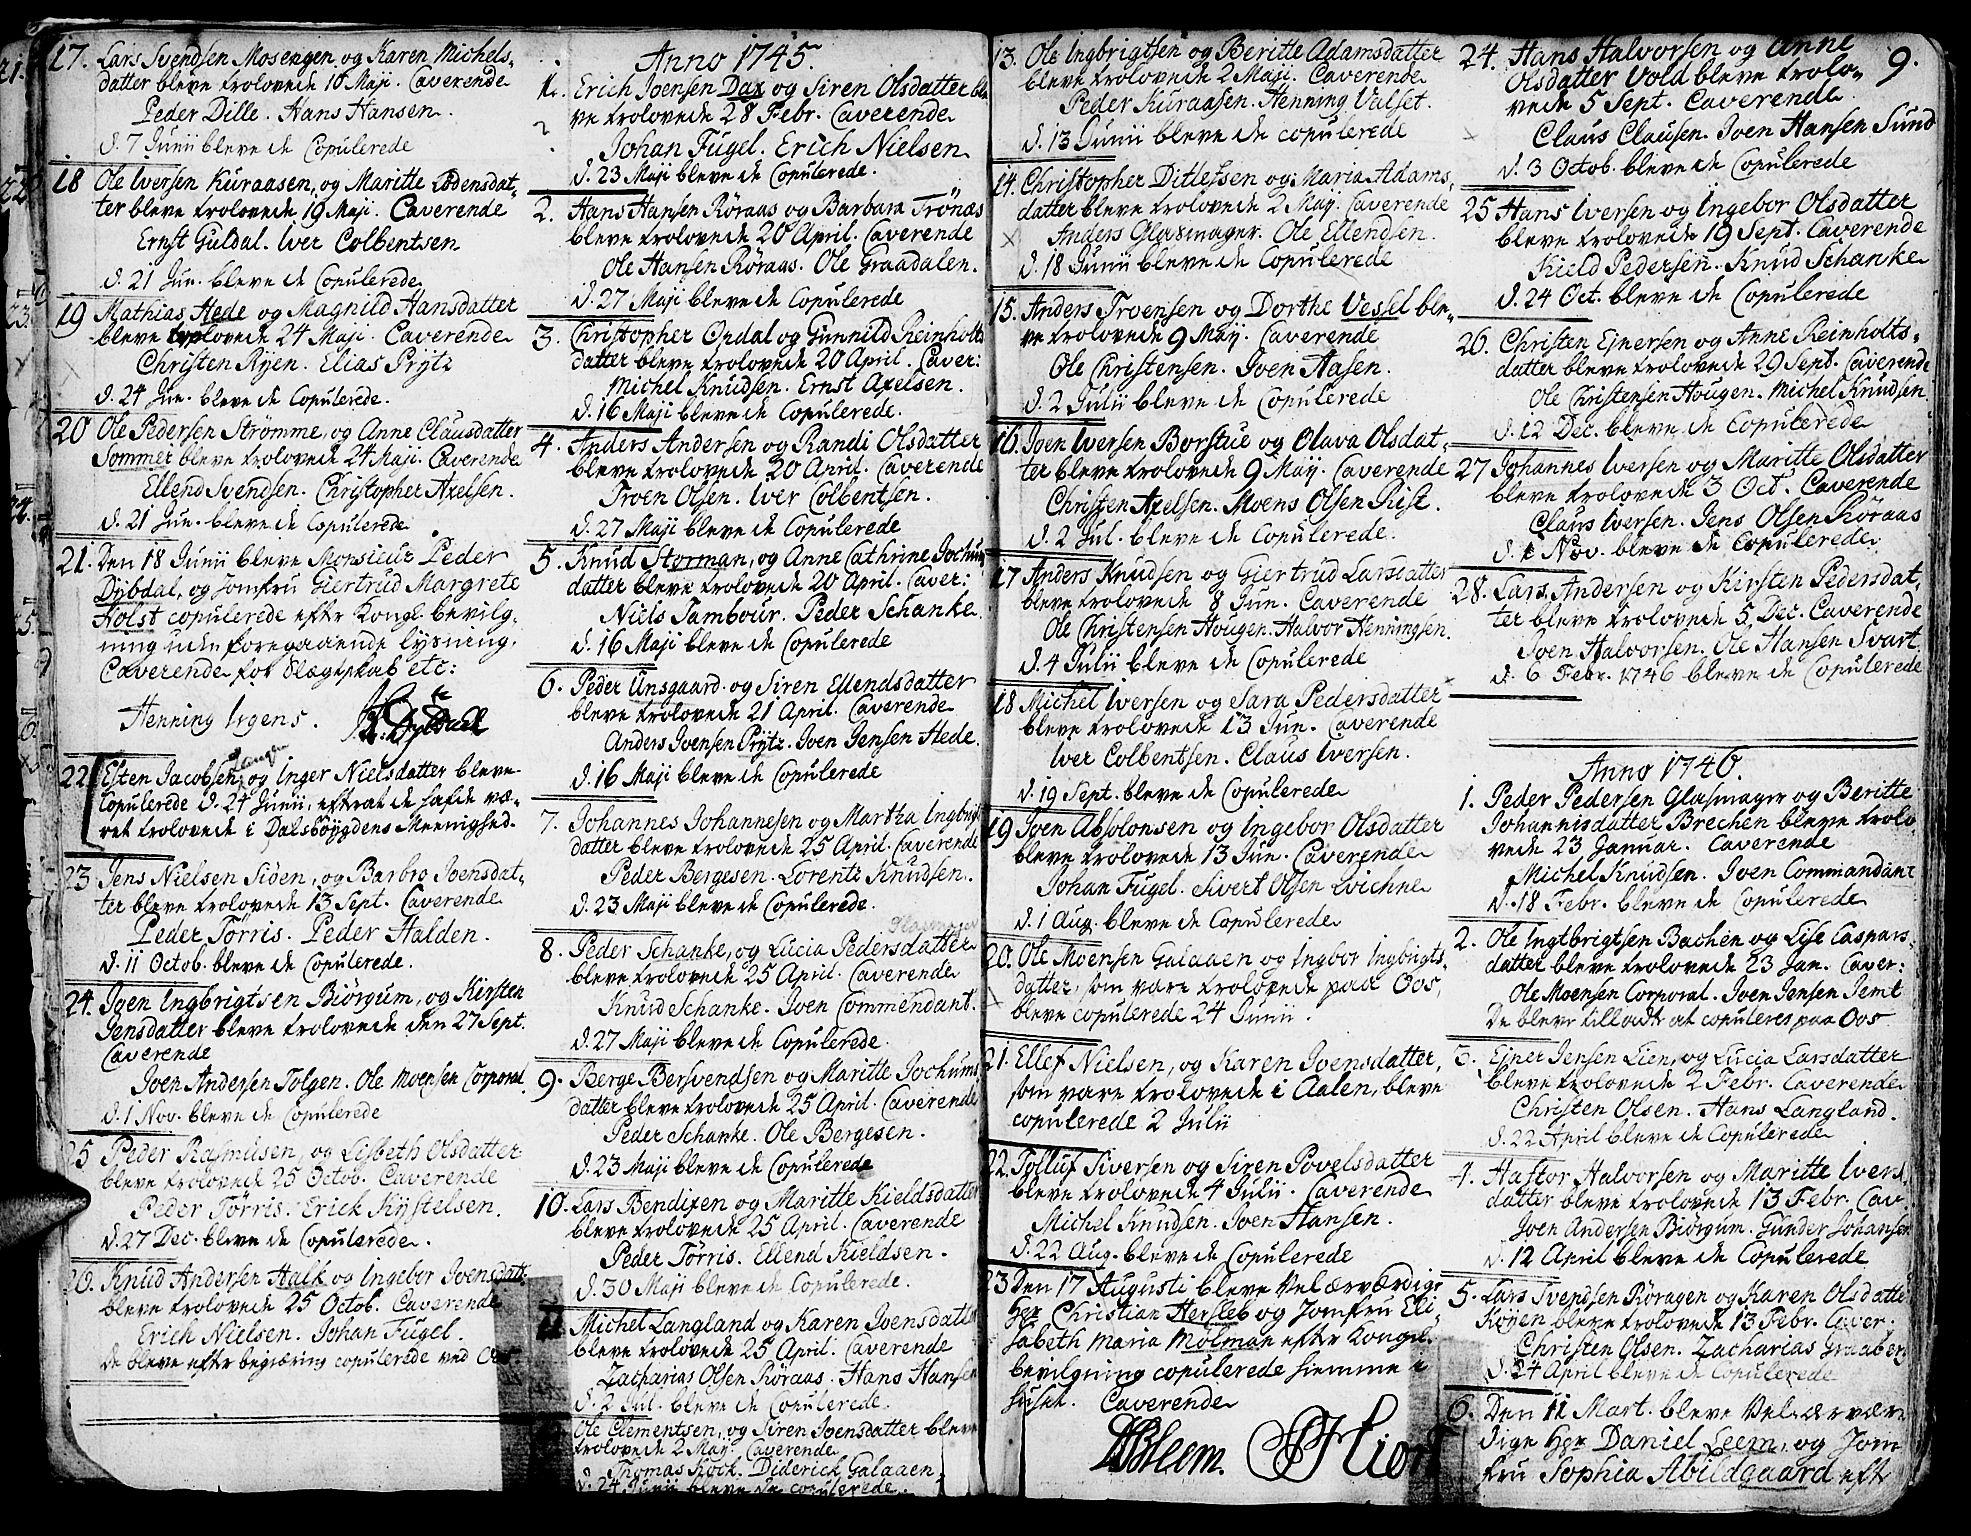 SAT, Ministerialprotokoller, klokkerbøker og fødselsregistre - Sør-Trøndelag, 681/L0925: Ministerialbok nr. 681A03, 1727-1766, s. 9